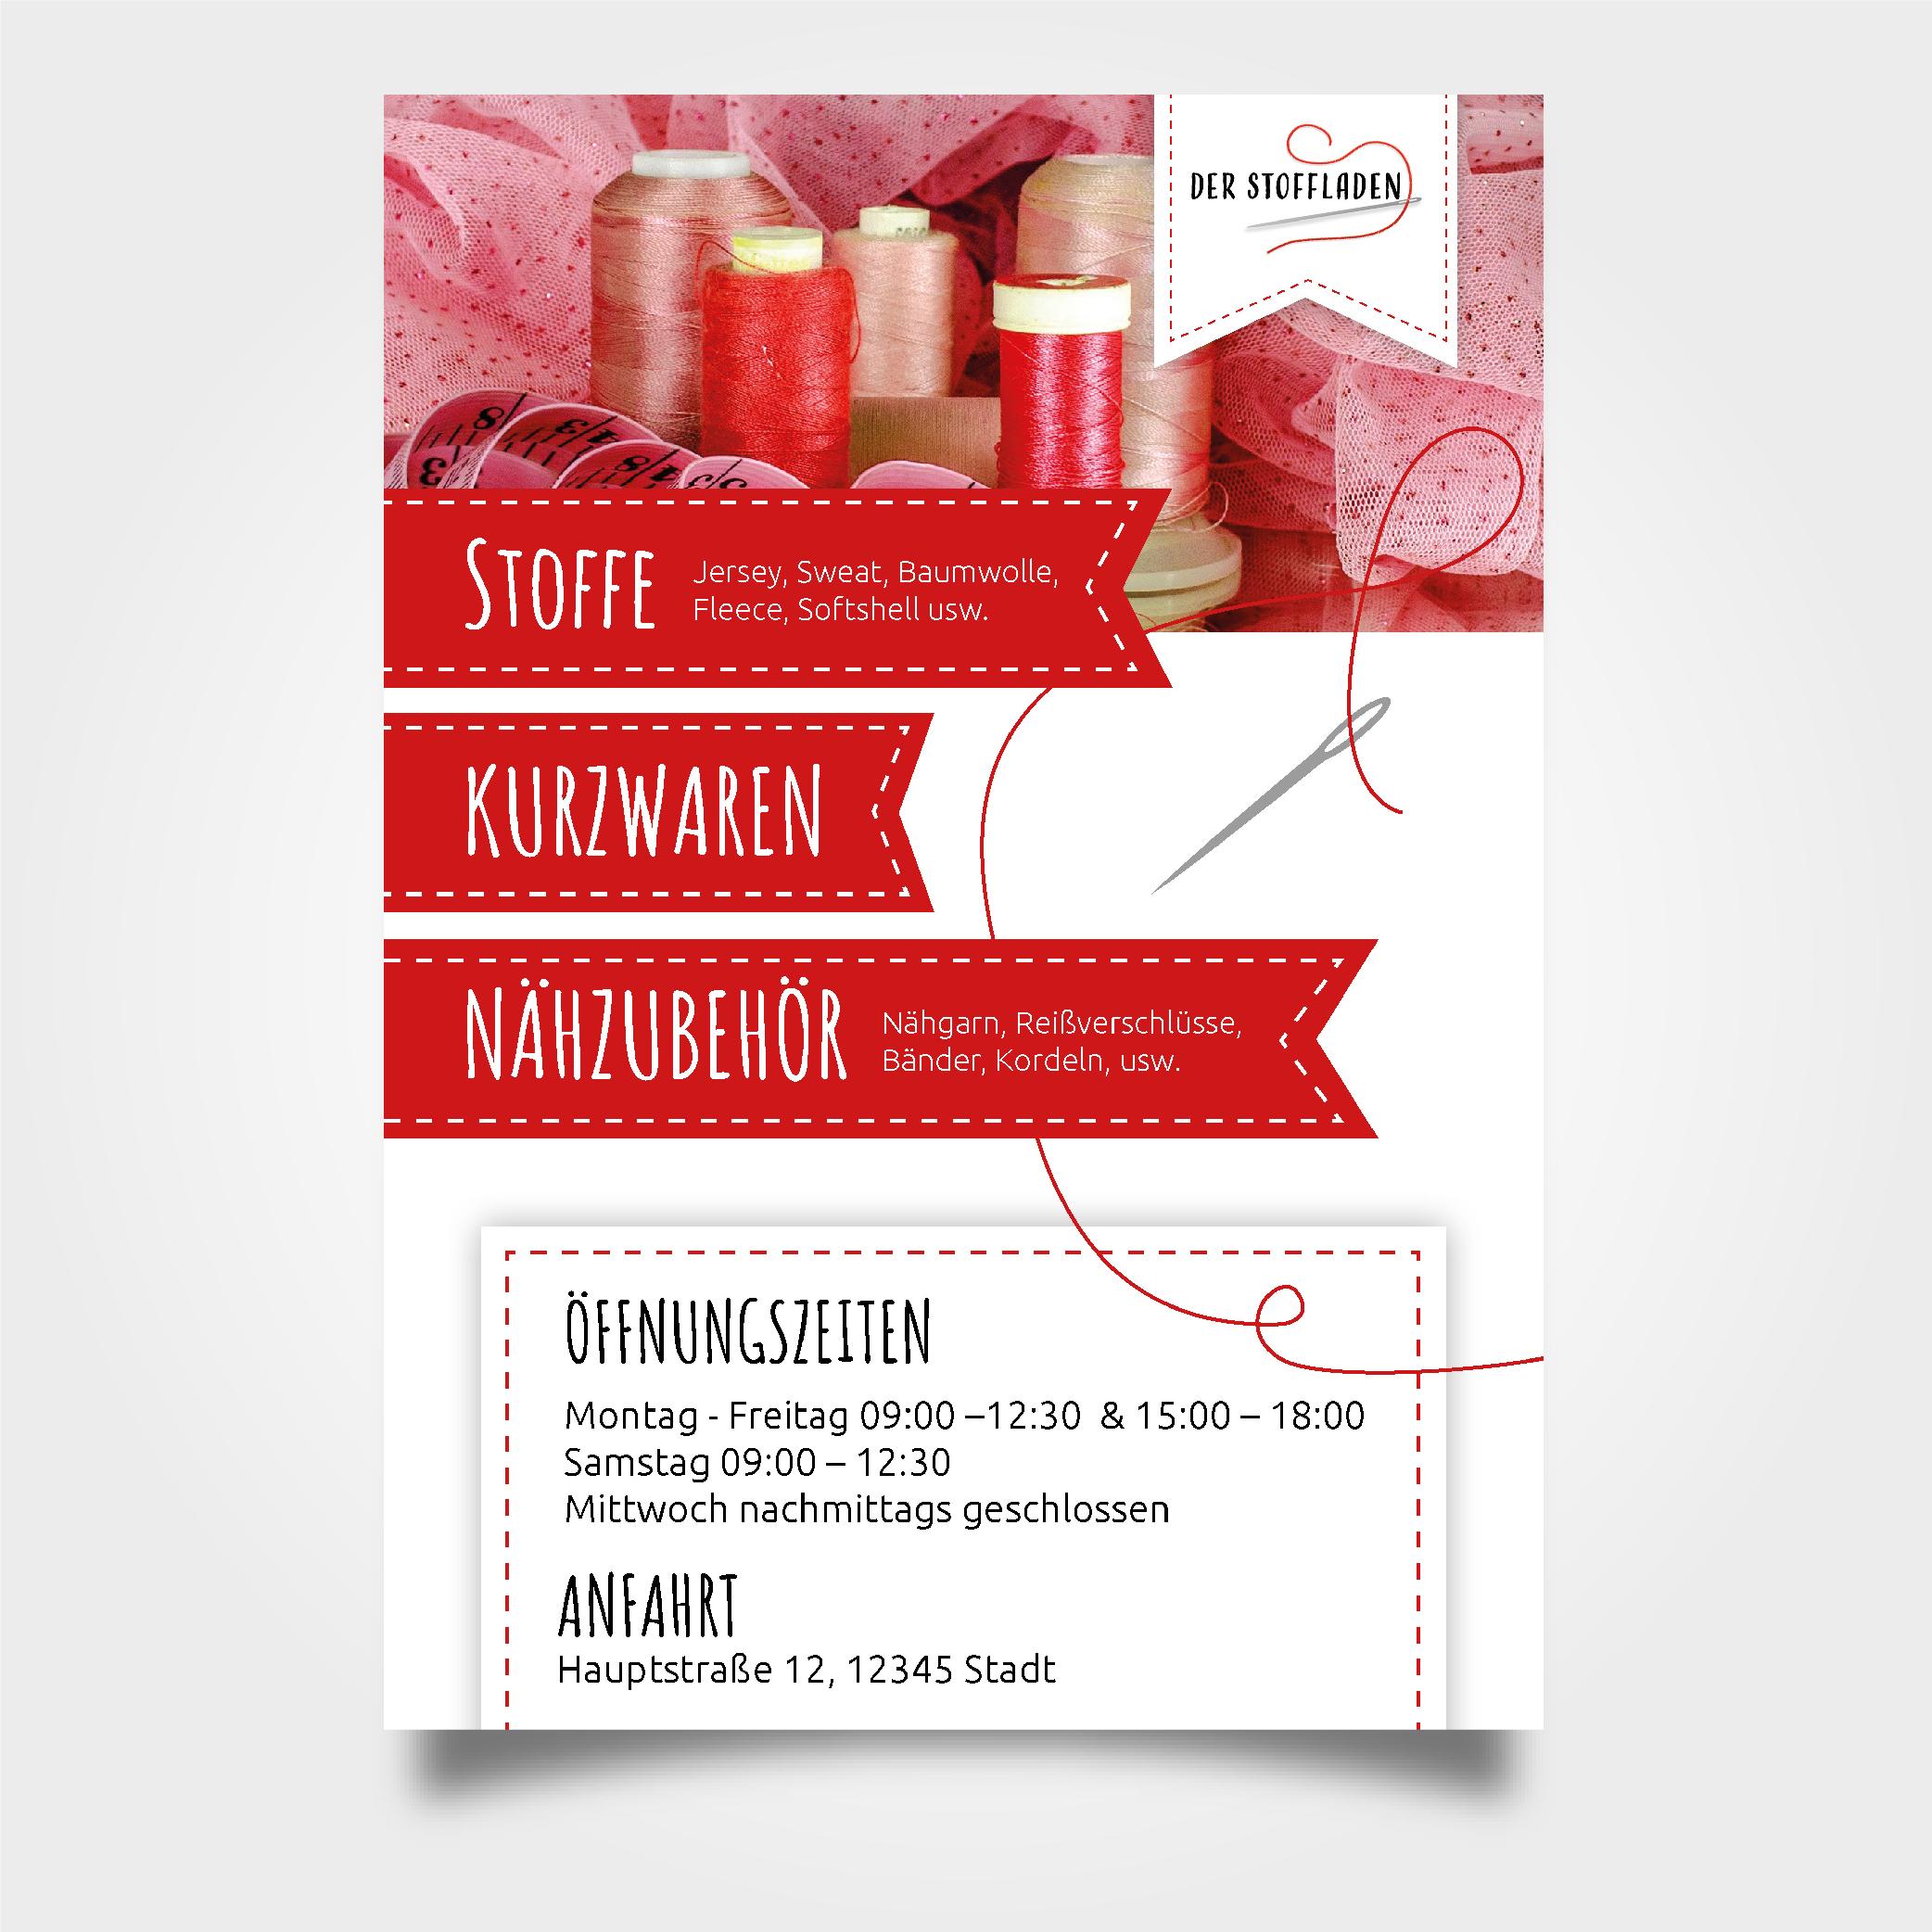 Fachgeschäft für Stoffe und Nähzubehör sucht Flyer-Design